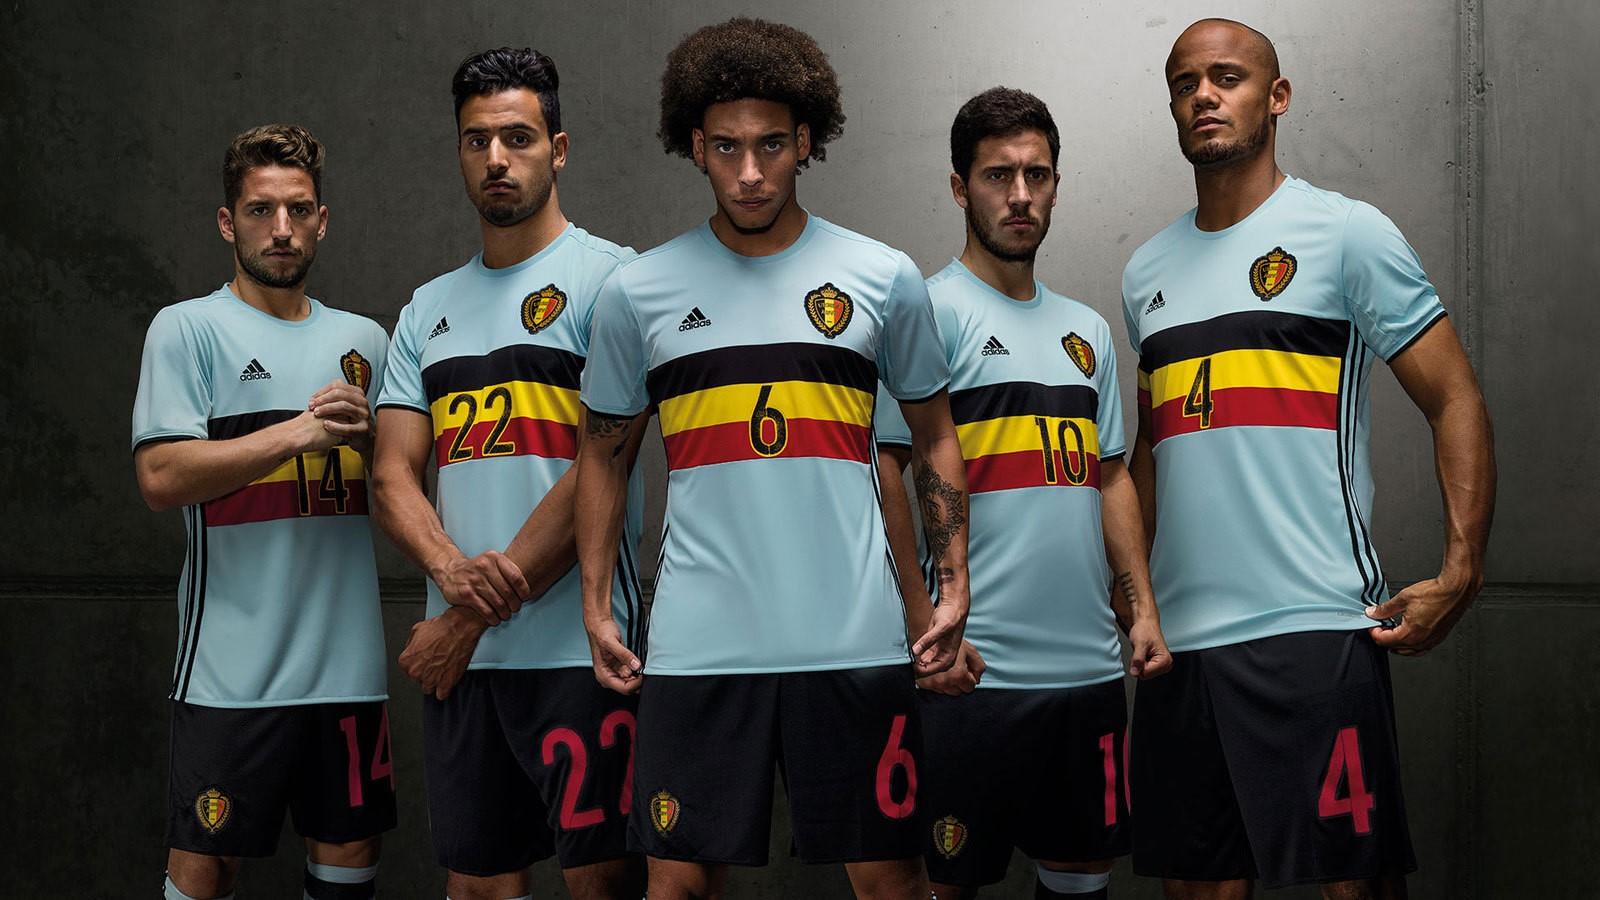 фото футболки футбольной формы сборной бельгии